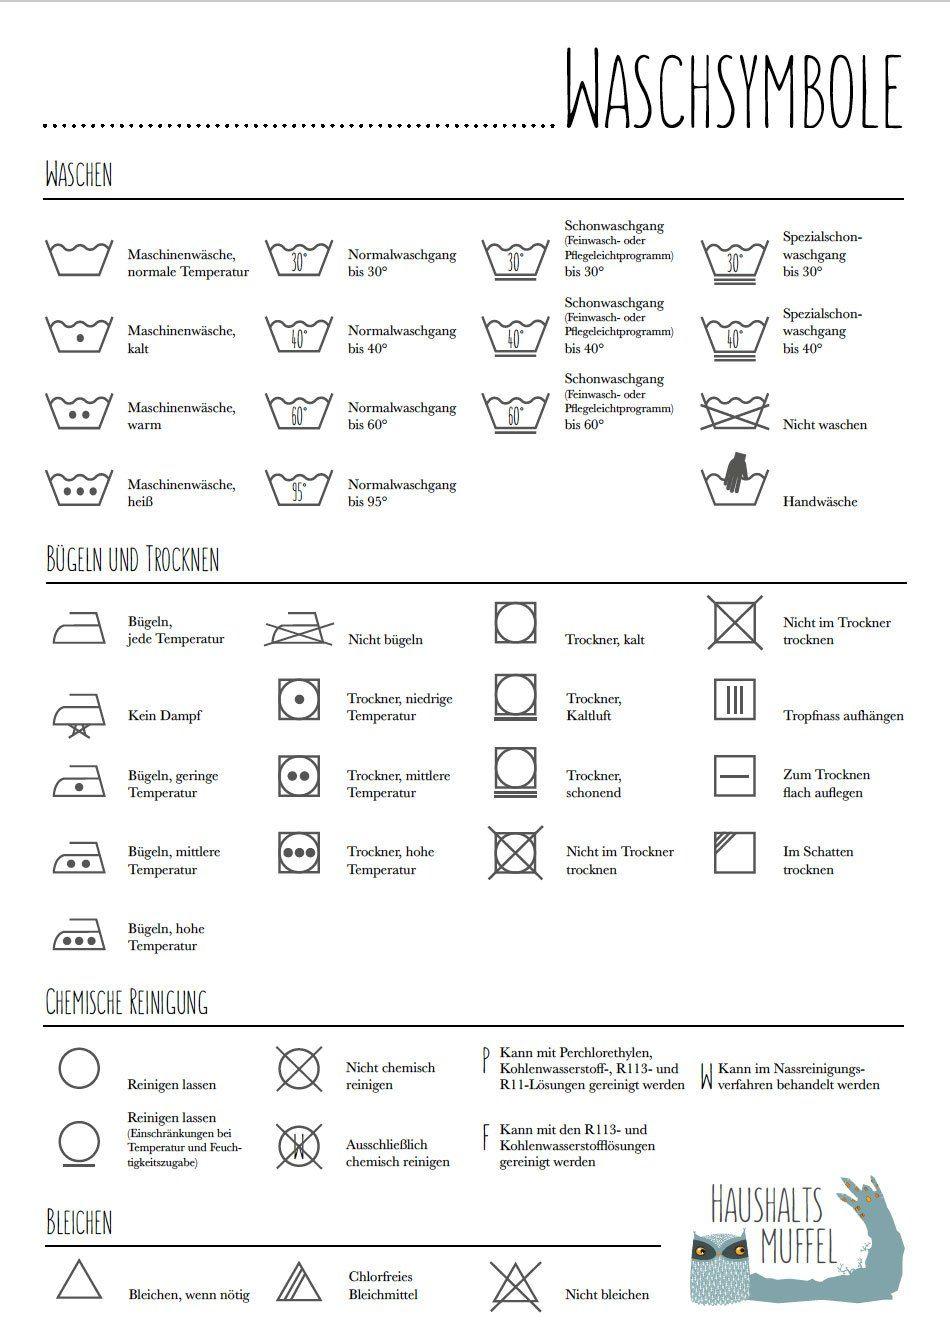 Die Welt Der Waschsymbole Mit Download Haushaltsmuffel Waschsymbole Tipps Und Tricks Hausreinigungs Tipps